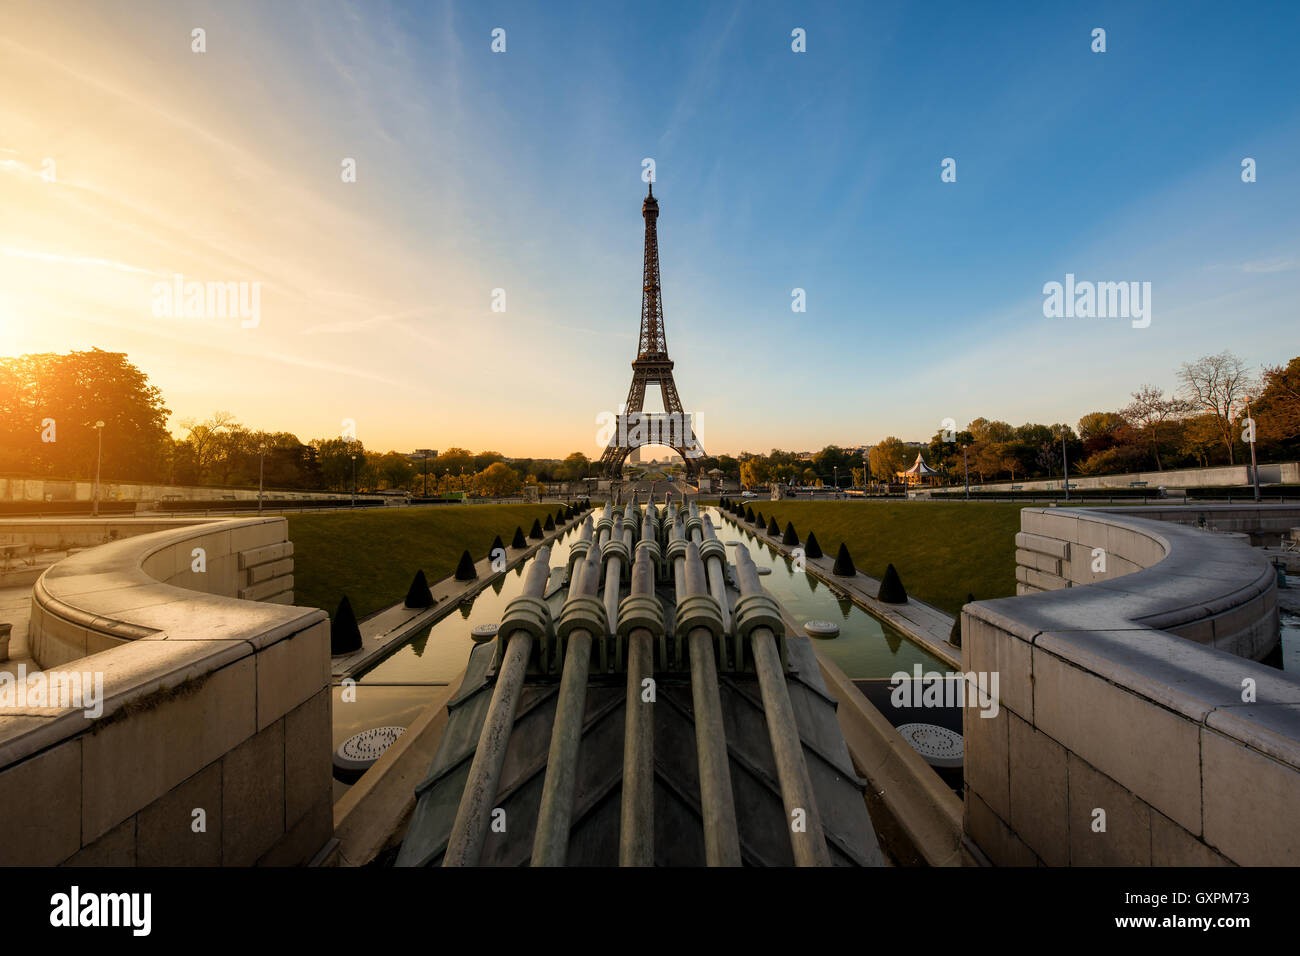 Le lever du soleil dans la Tour Eiffel à Paris, France. Tour Eiffel est célèbre à Paris, France. Photo Stock